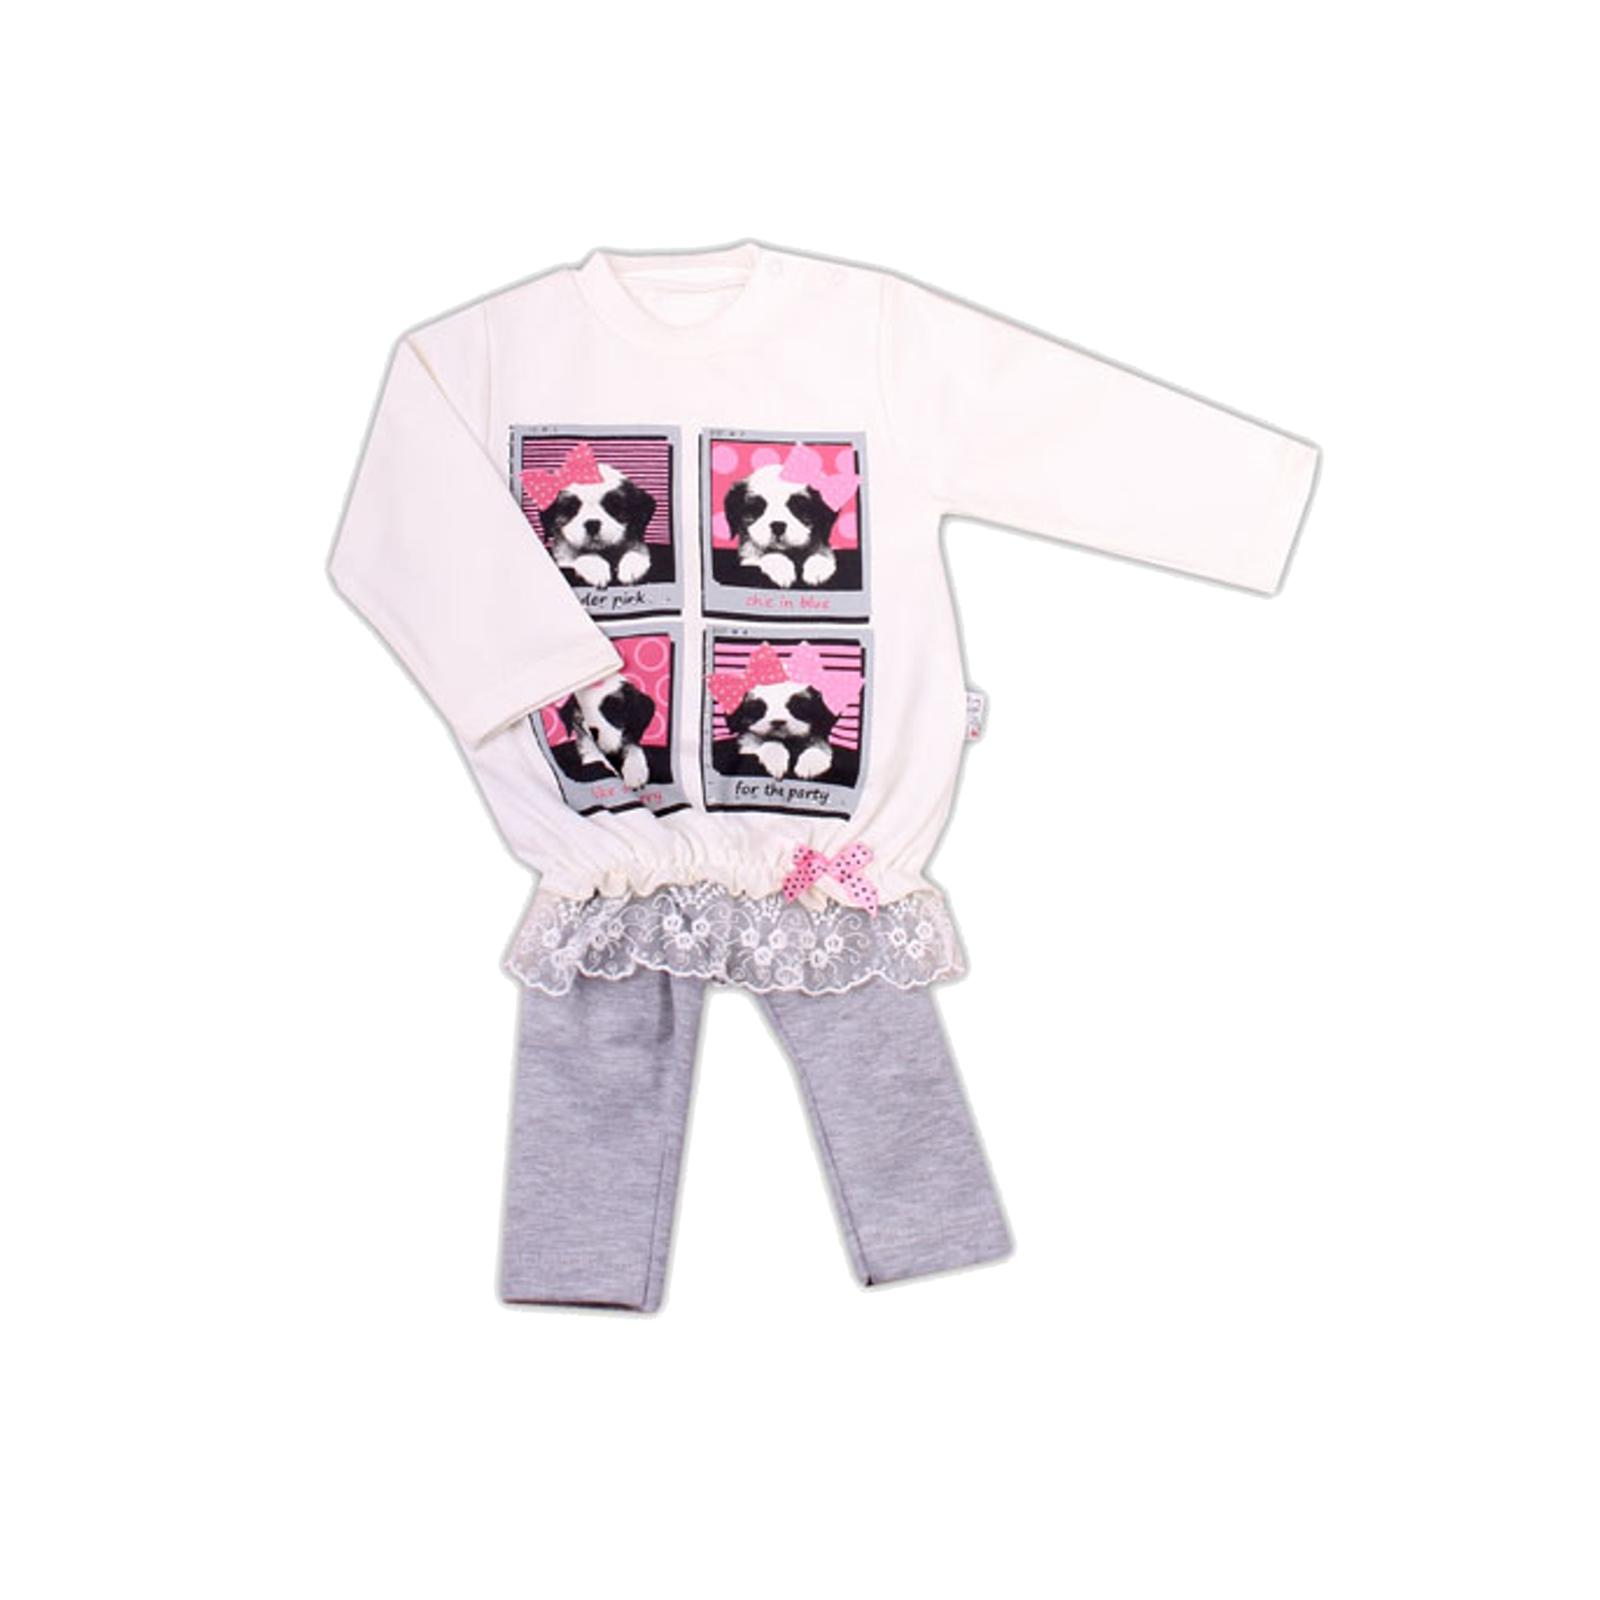 Комплект одежды Estella для девочки, брюки, туника, цвет - Экрю/серый Размер 74